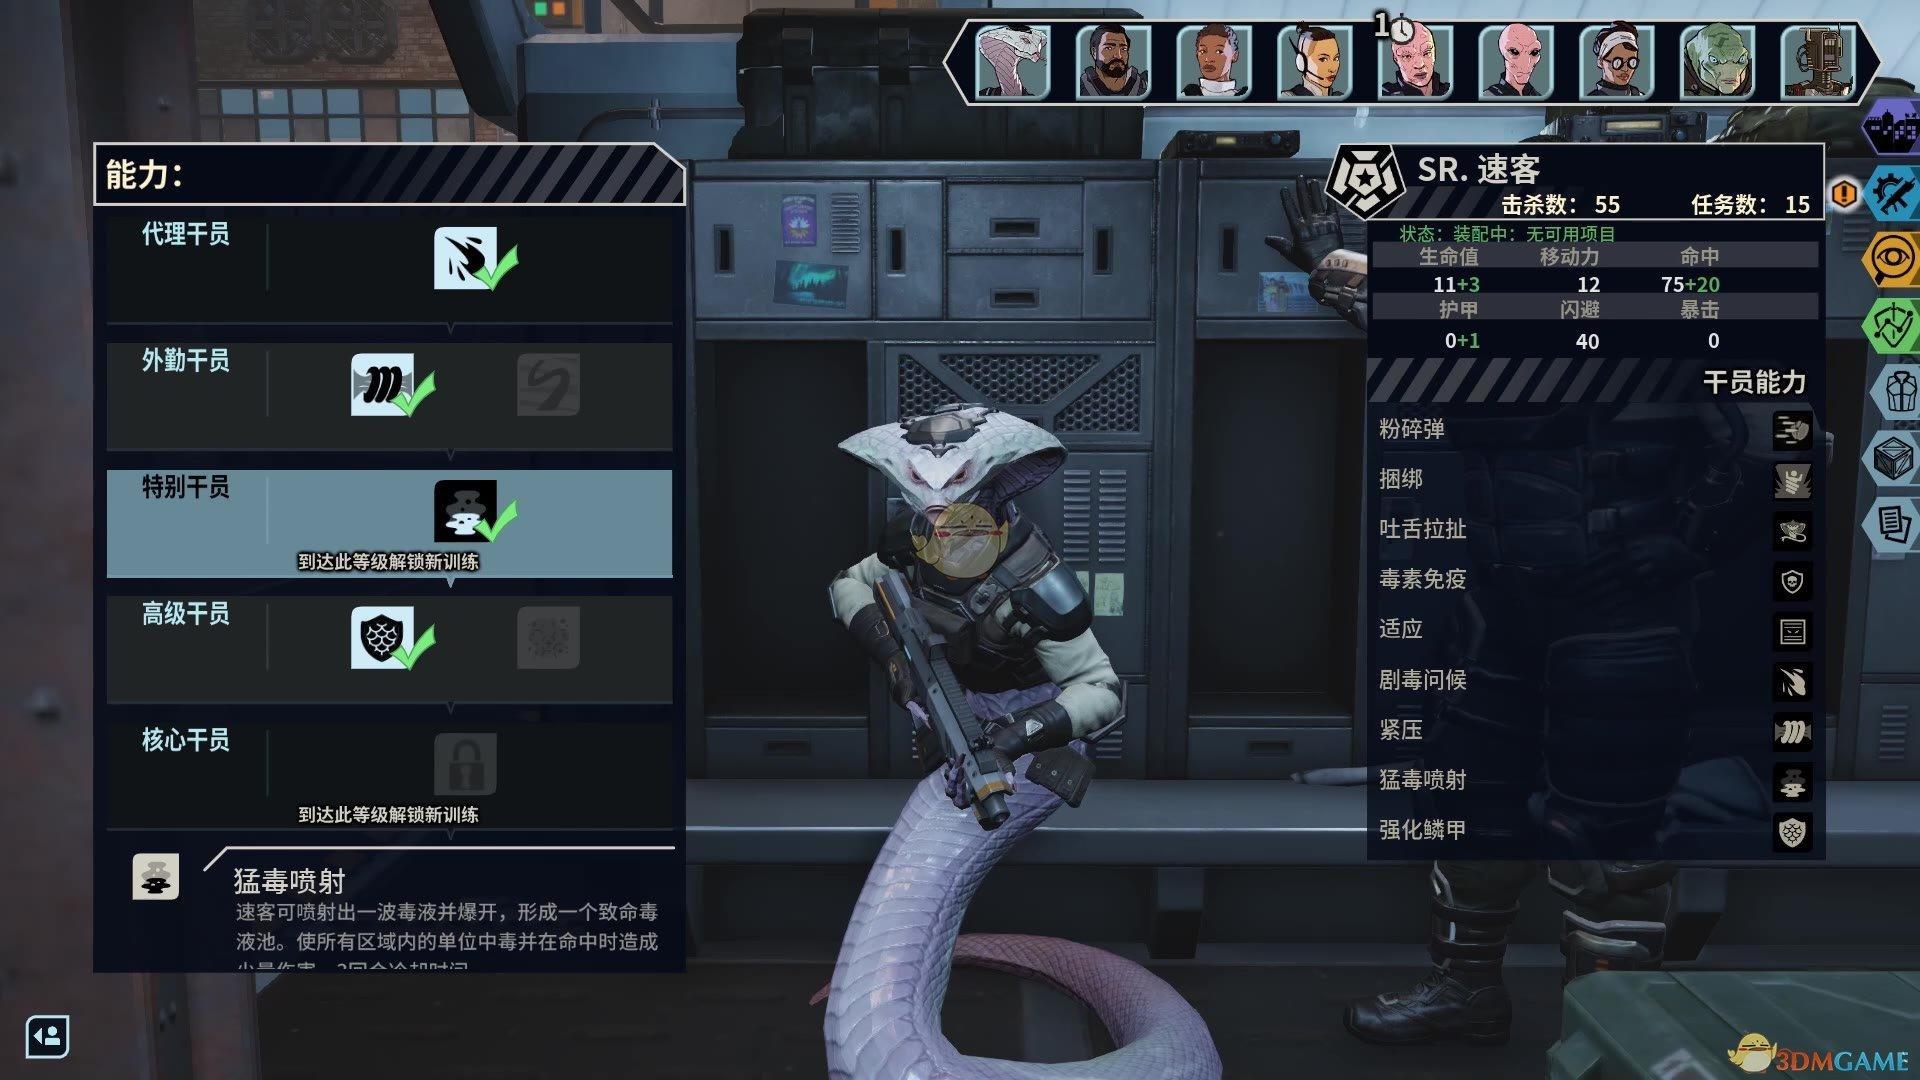 《幽浮:奇美拉战队》系列剧情介绍